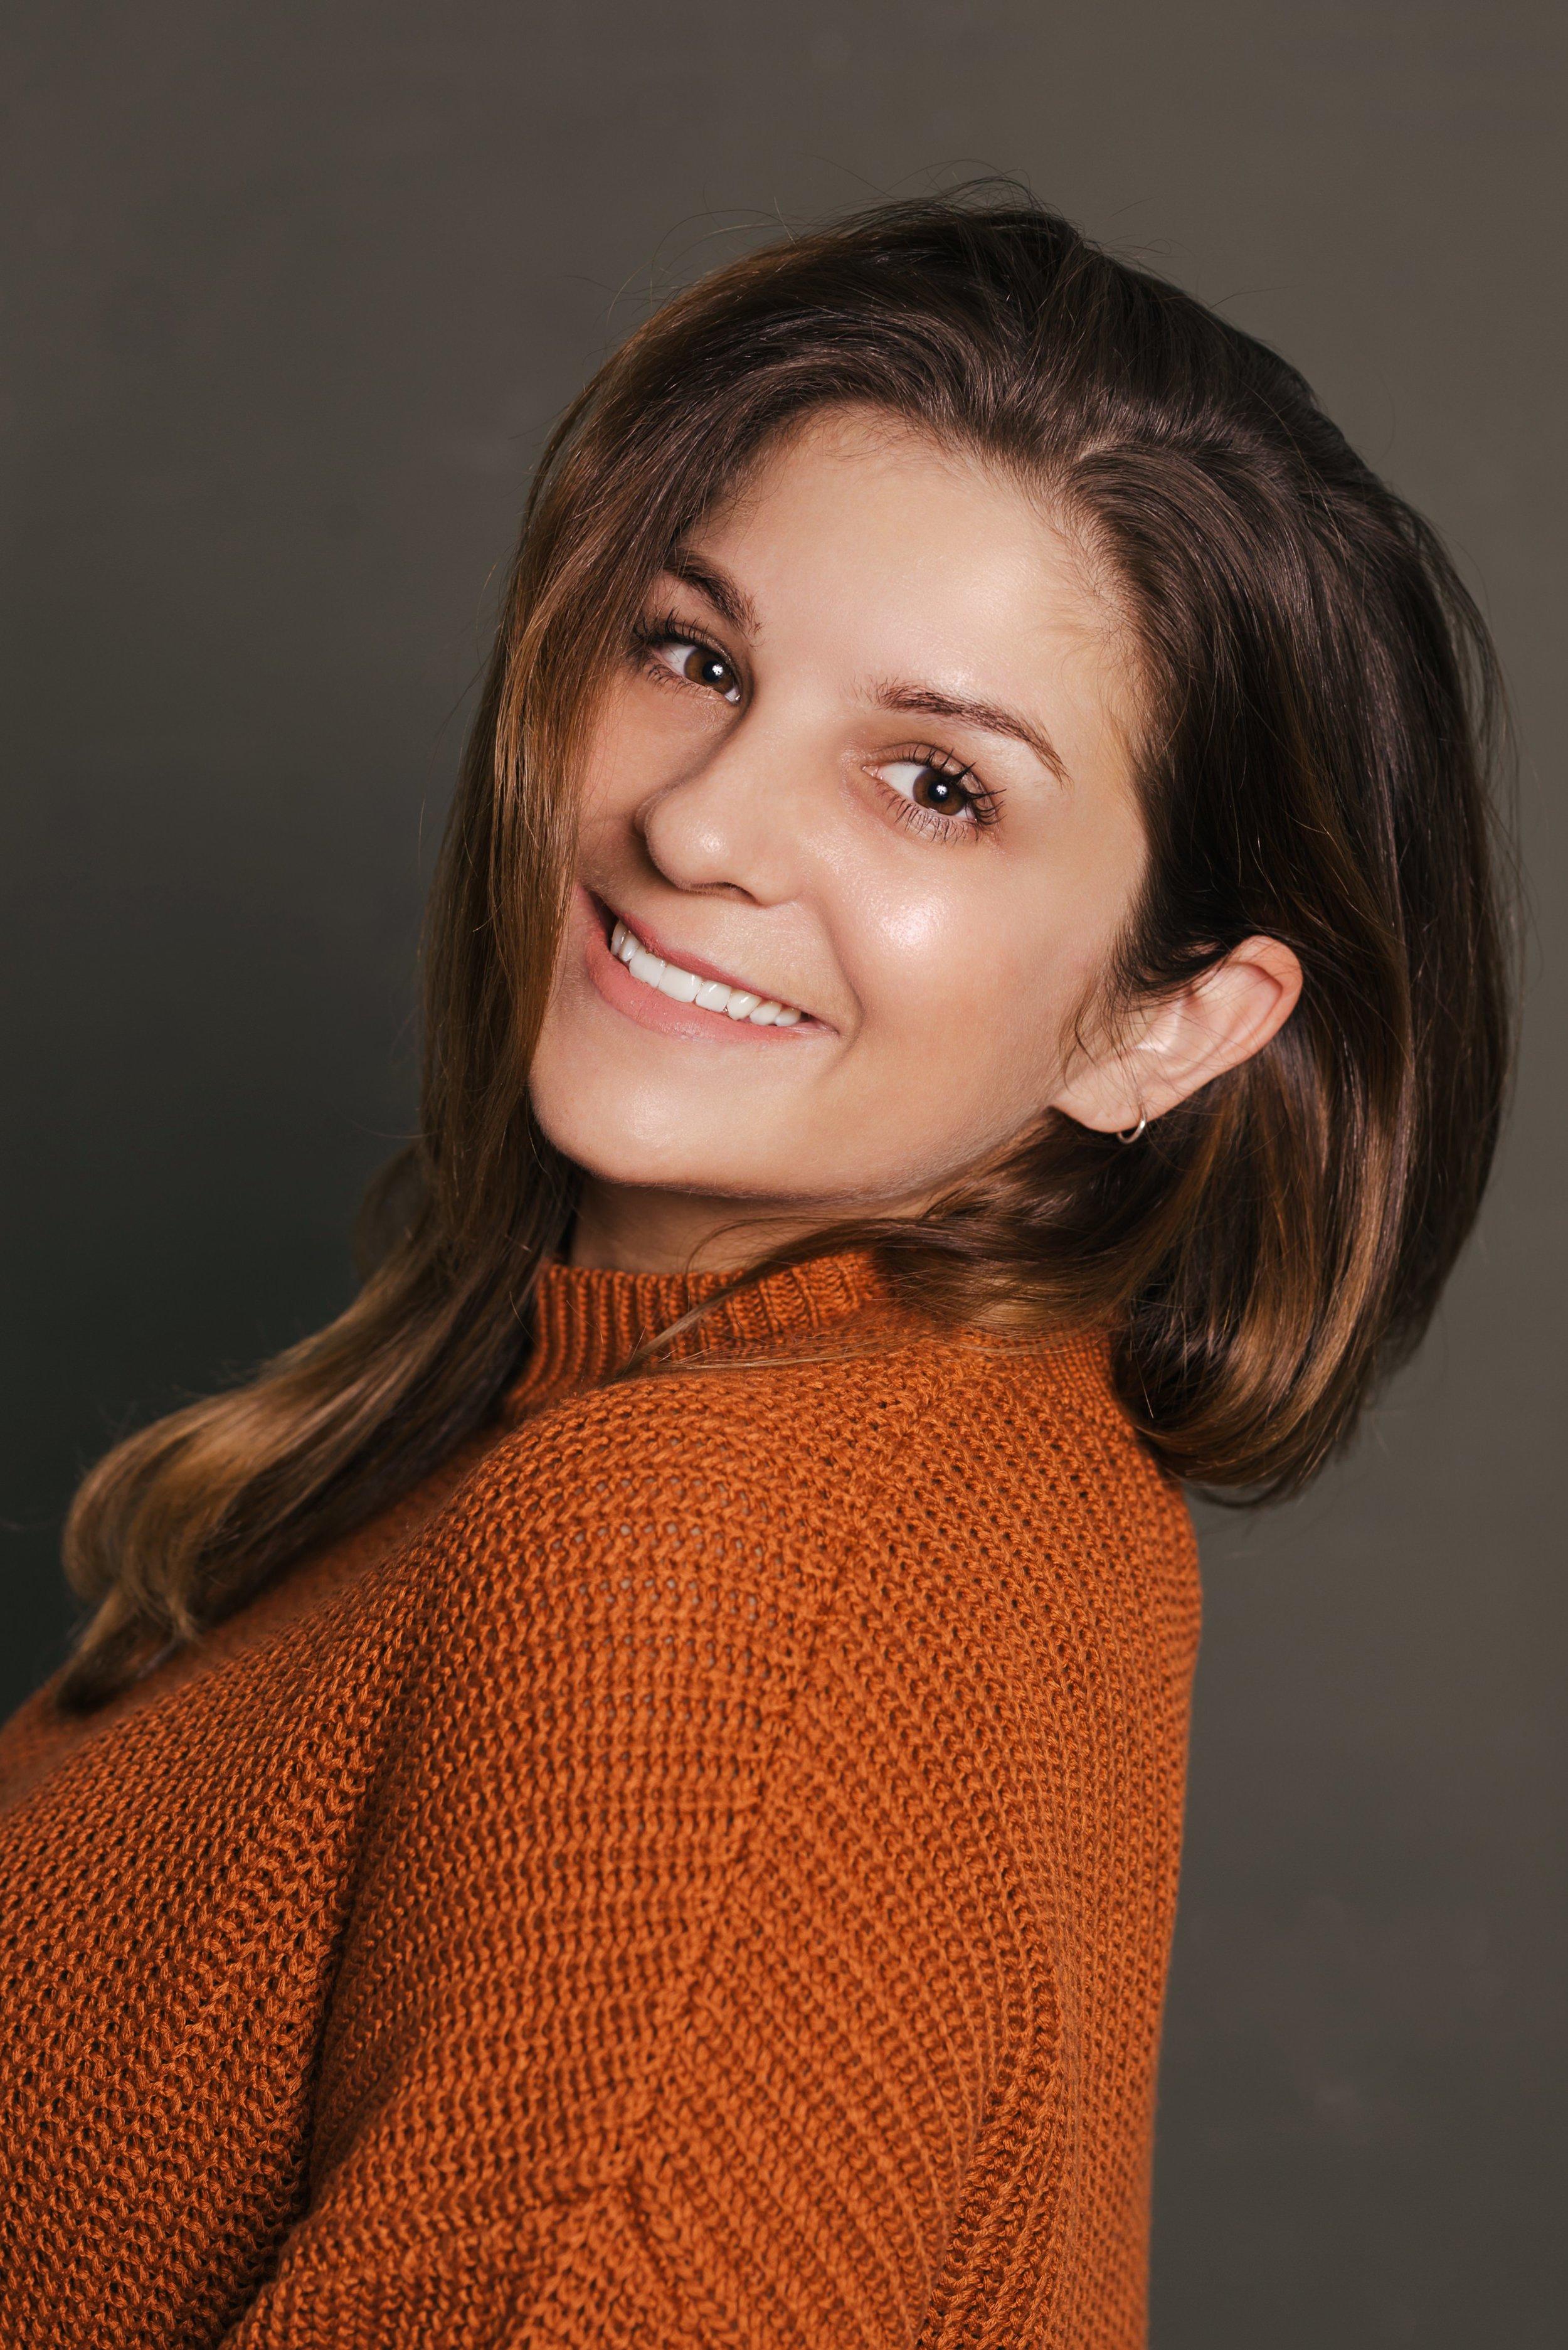 Allie Woerner - Assistant Wedding/Event Planner